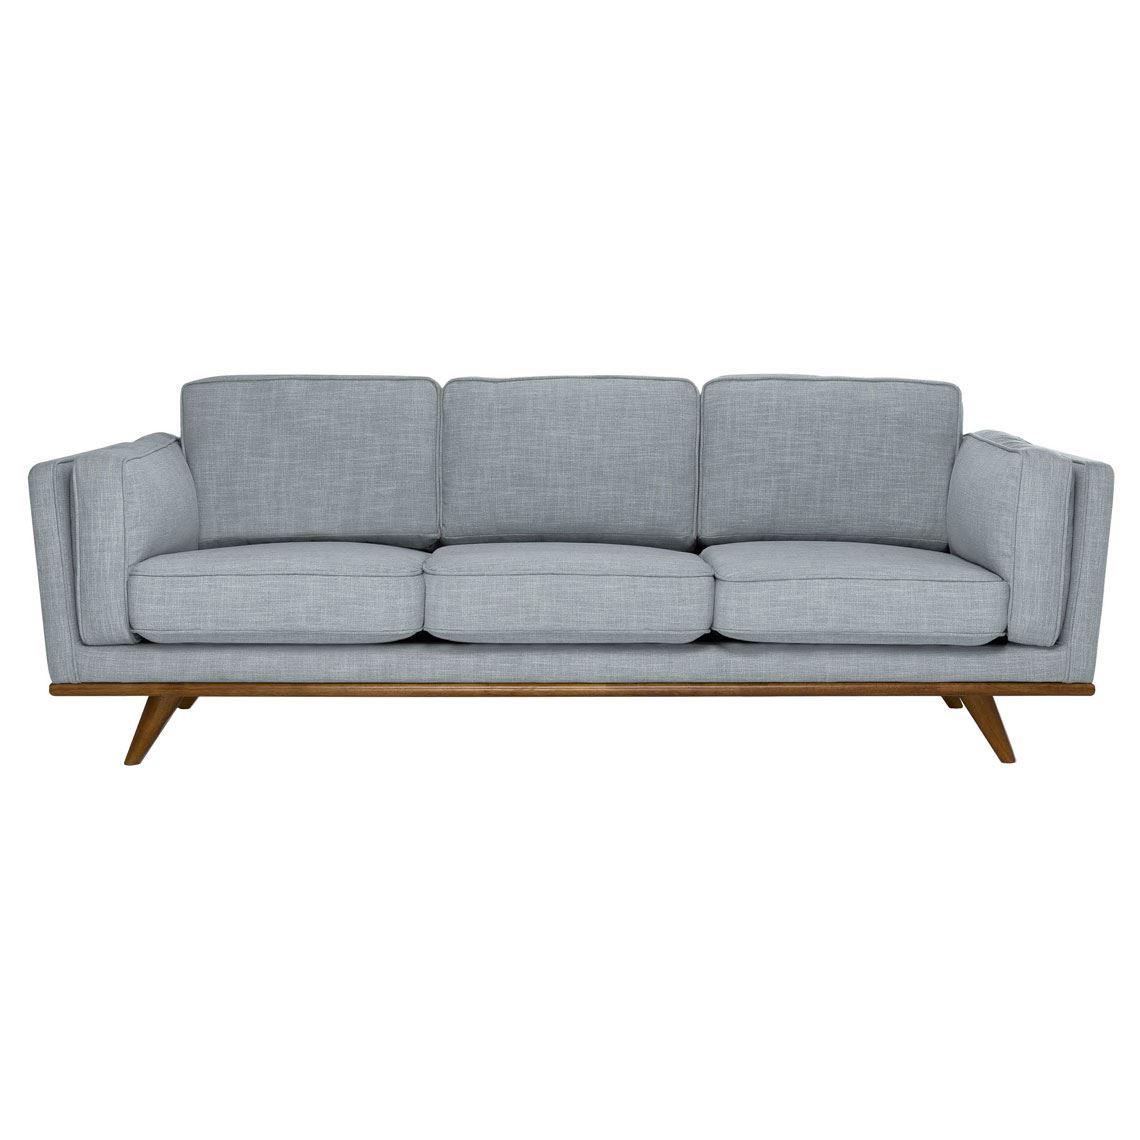 Dahlia 3 Seat Fabric Sofa Fabric Sofa Elegant Sofa Sofa Couch Bed